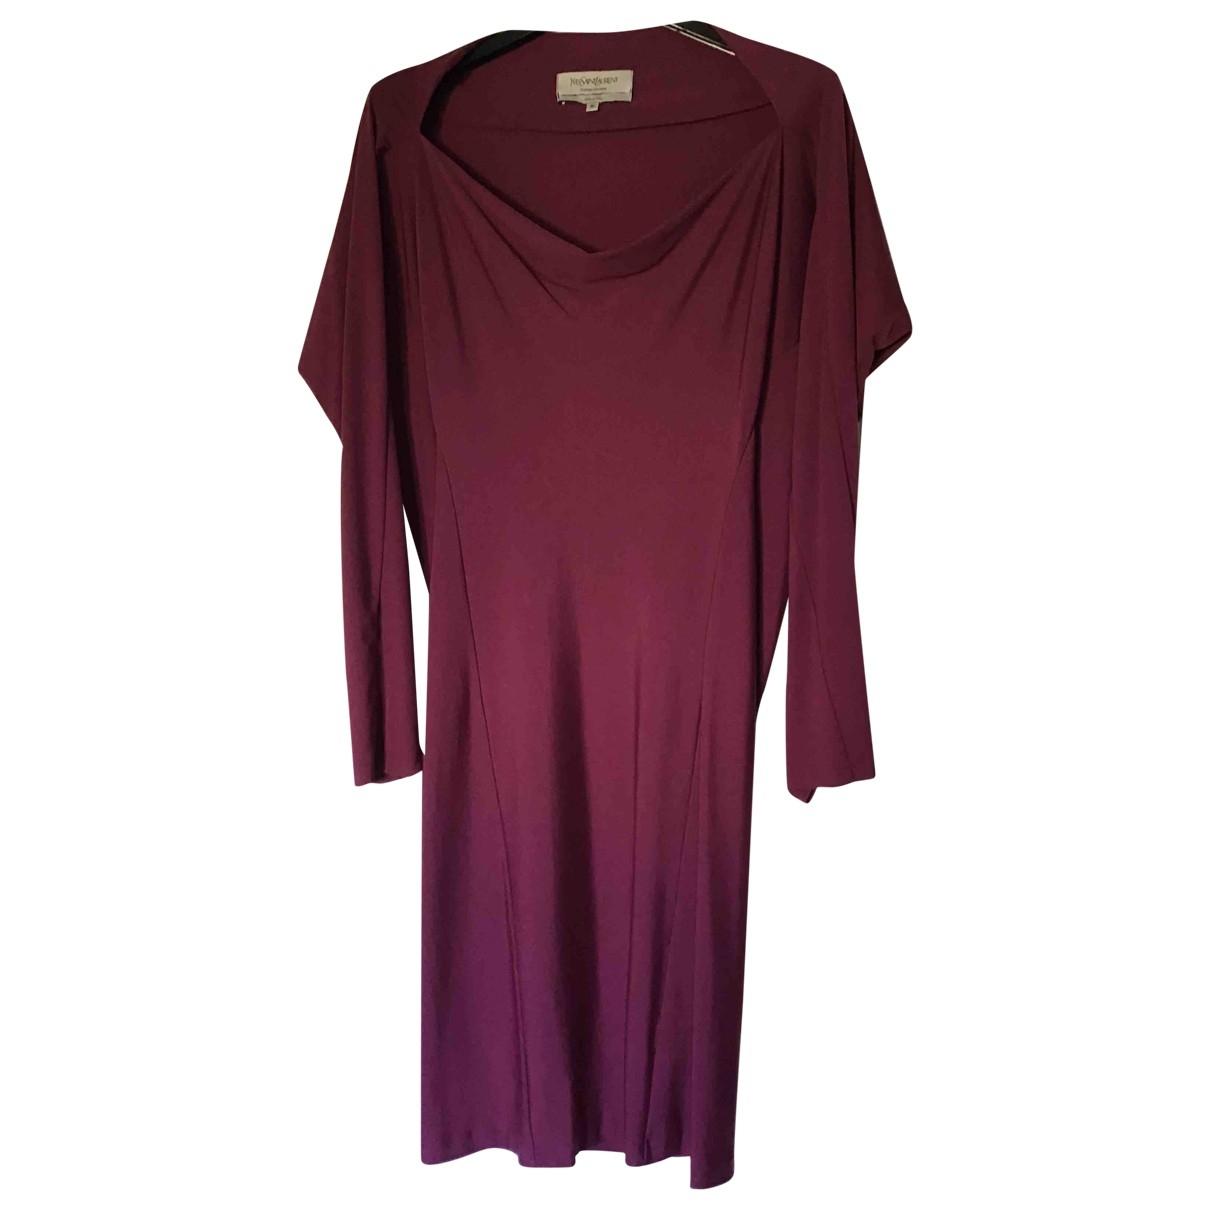 Yves Saint Laurent \N Kleid in Synthetik